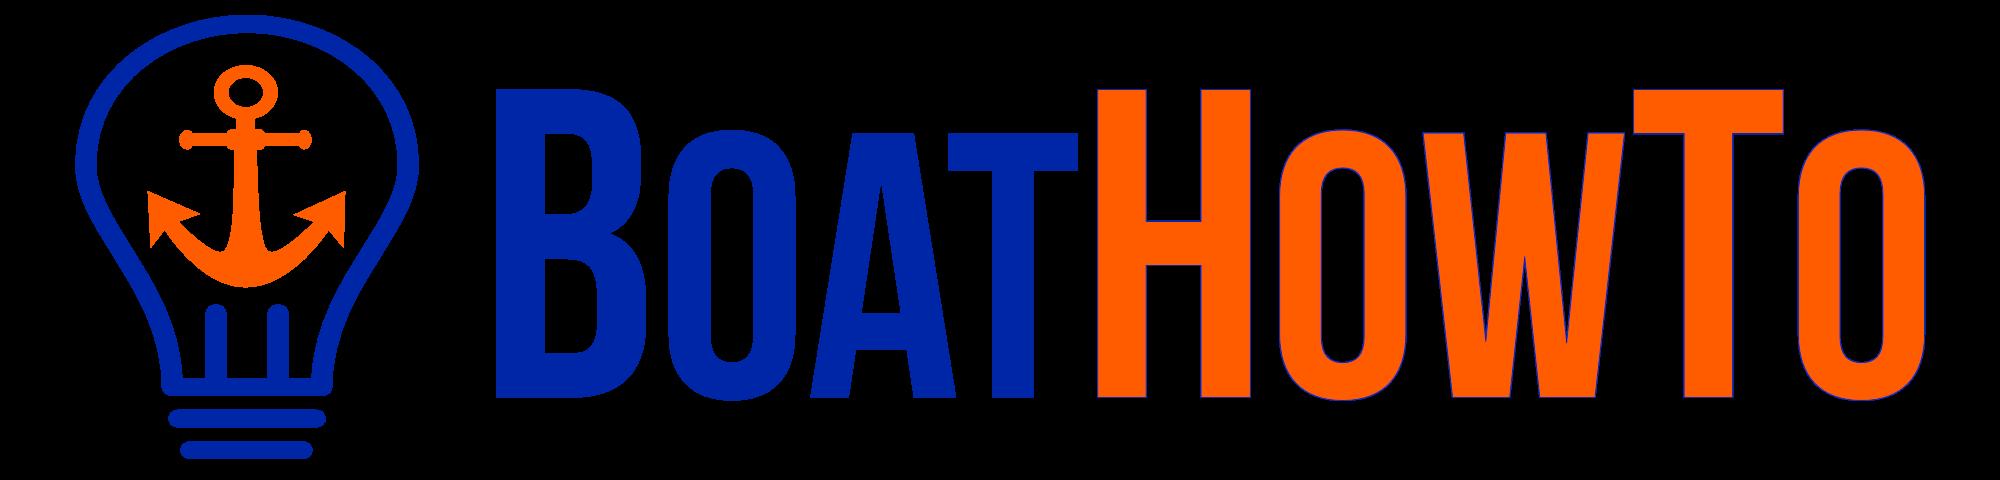 BoatHowTo Logo